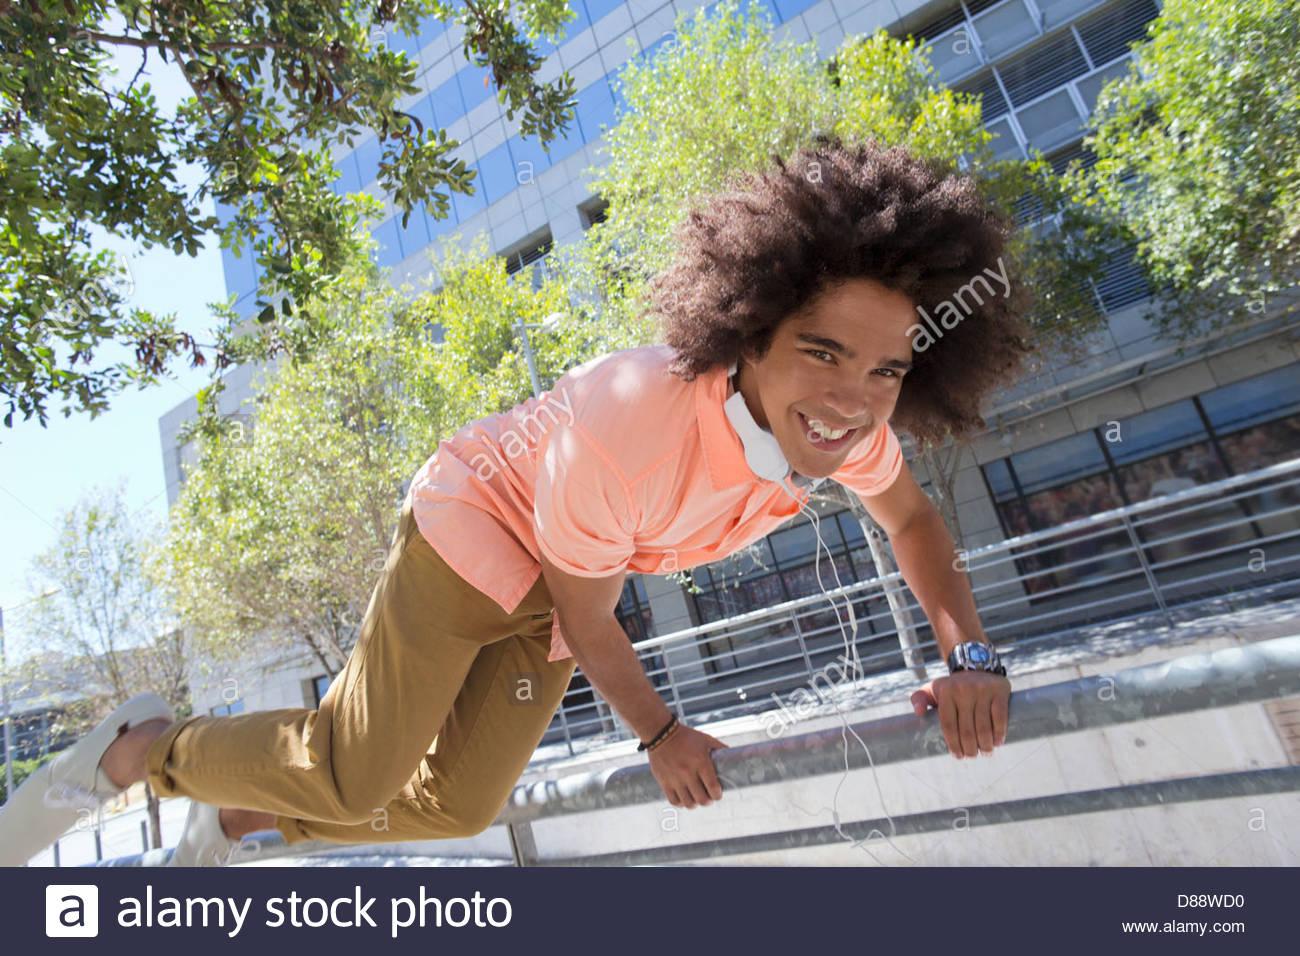 Porträt von lächelnden jungen Mann springen über Geländer in Stadt Stockbild